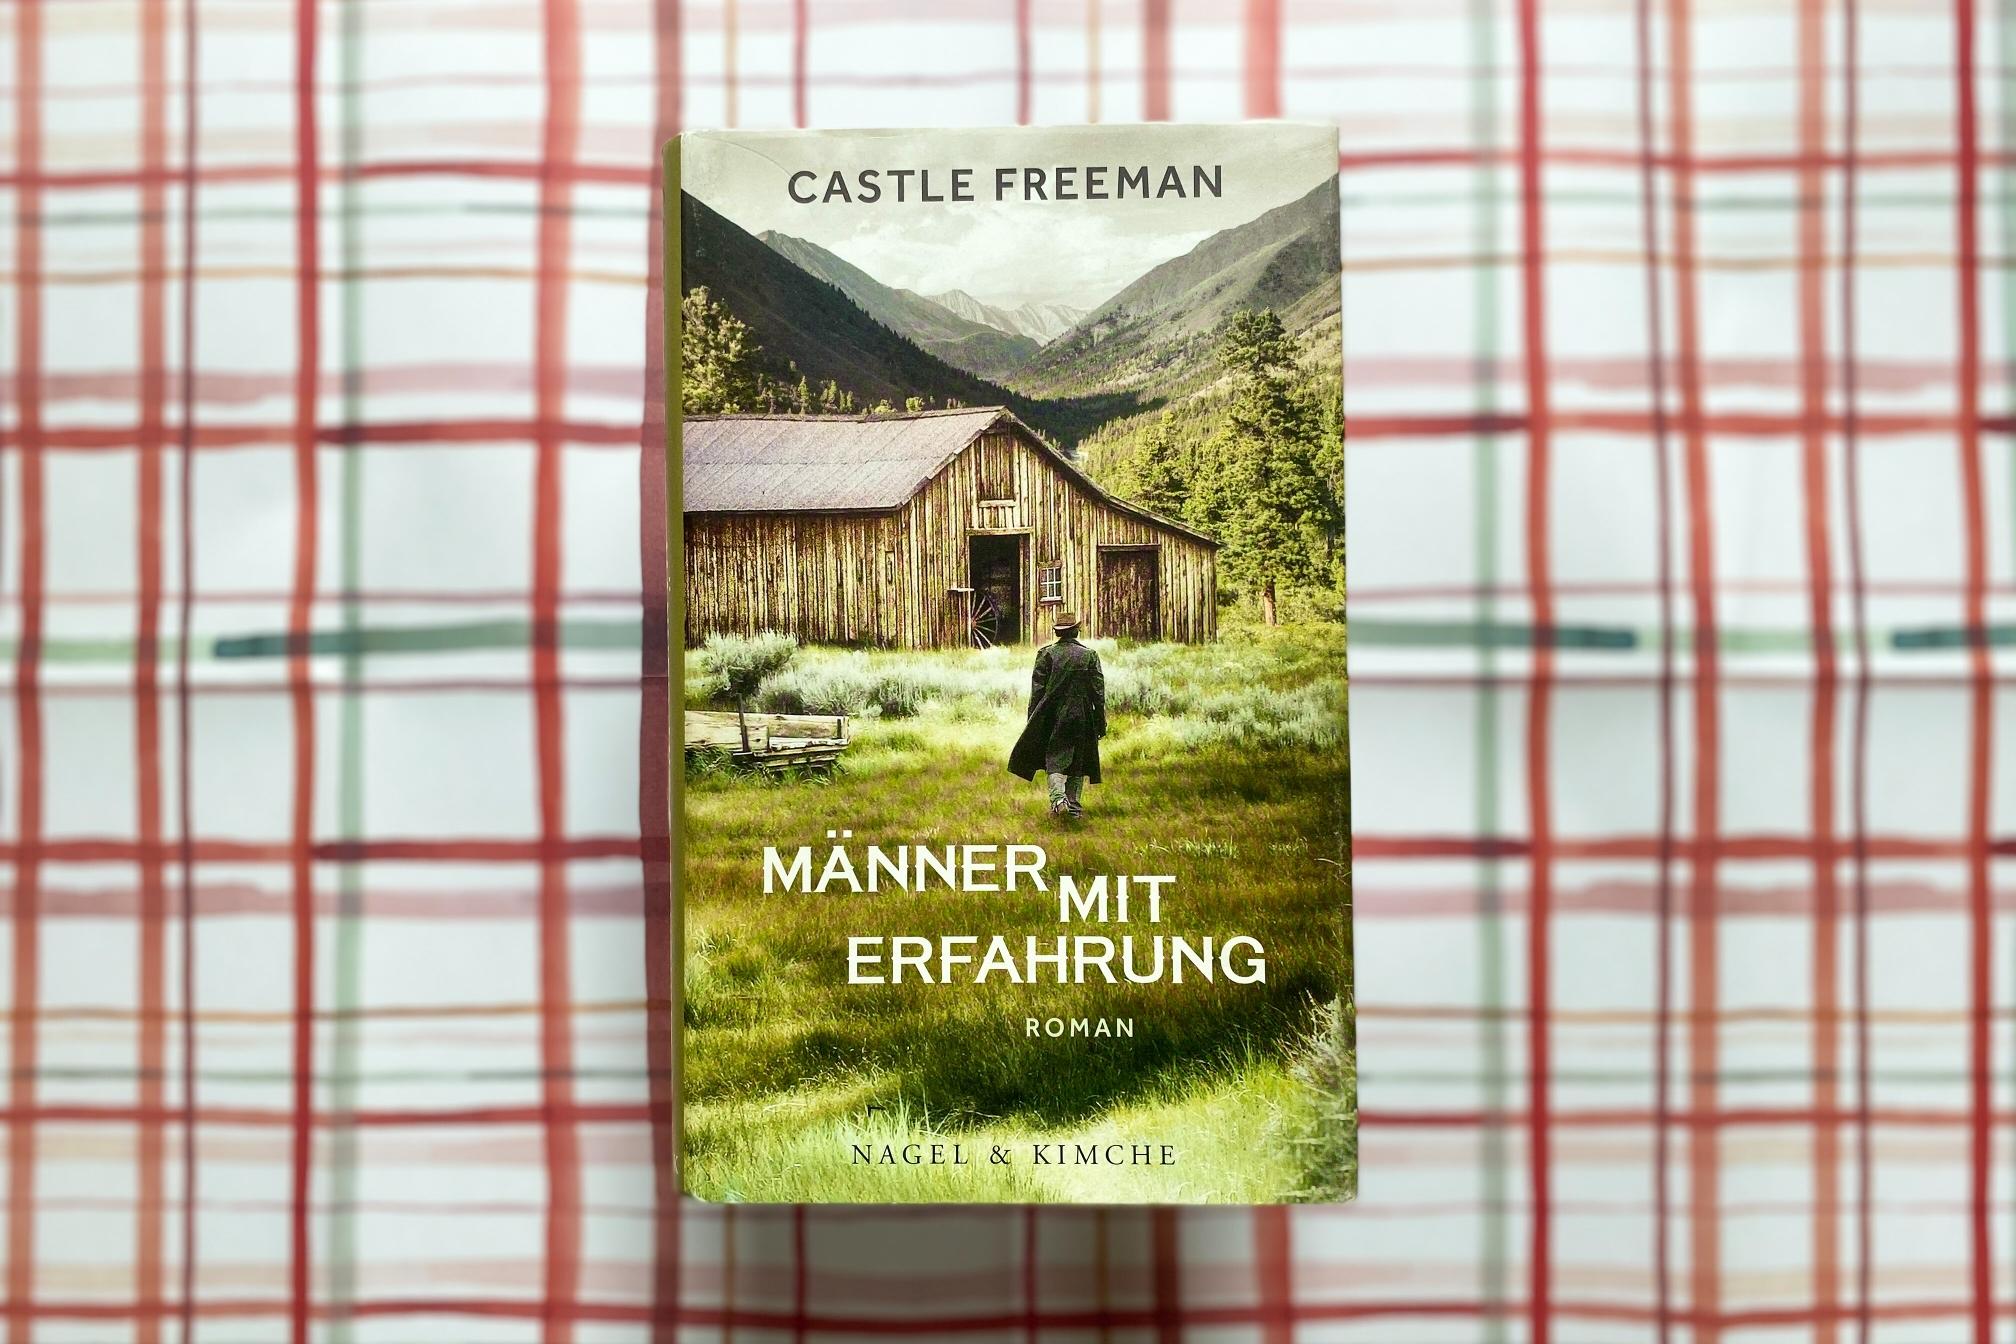 Castle Freeman Männer mit Erfahrung Vermont Roman Nagel & Kimche